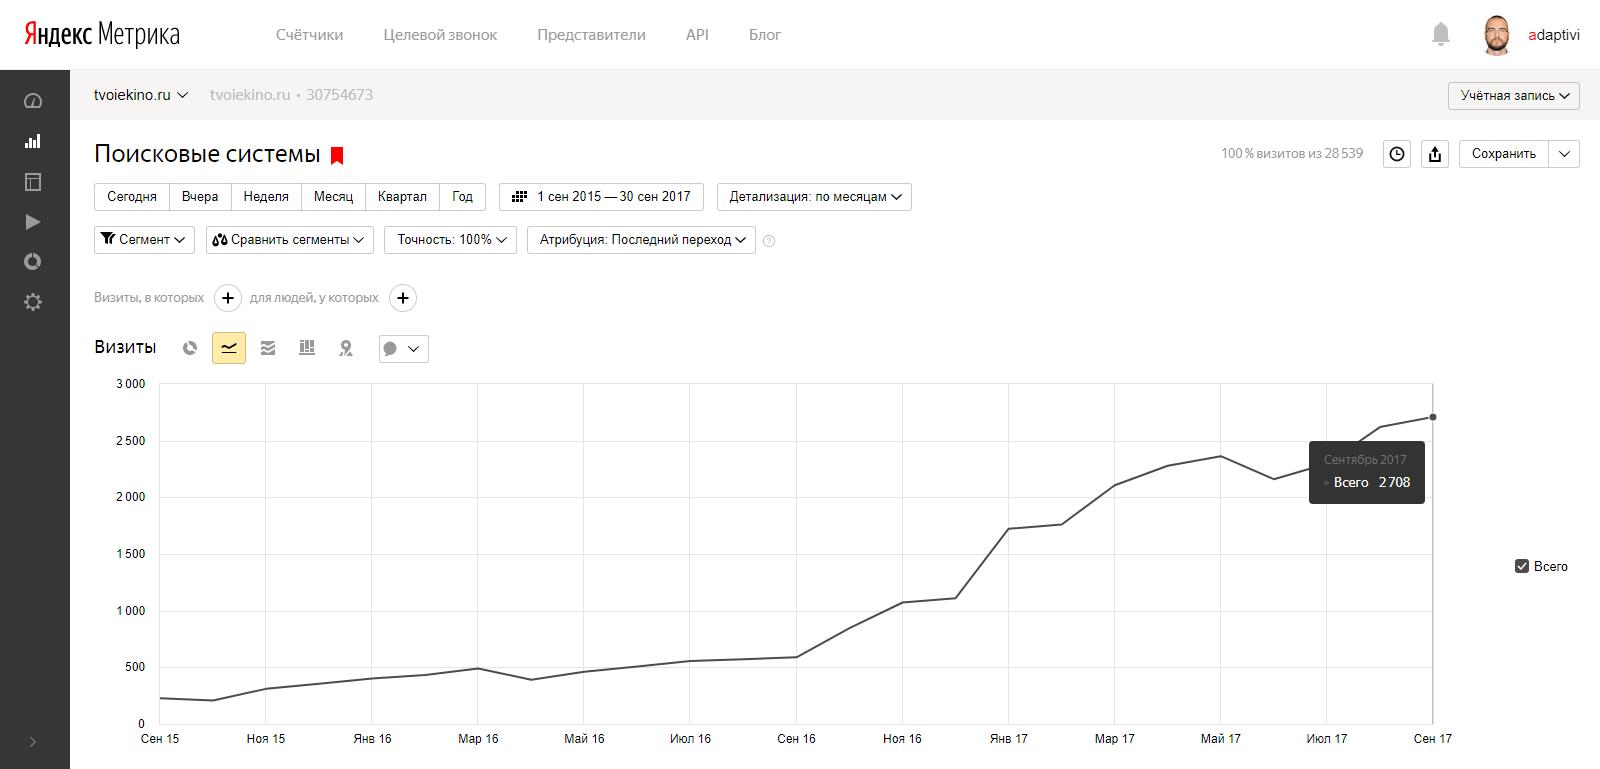 Продвижение сайта tvoiekino.ru